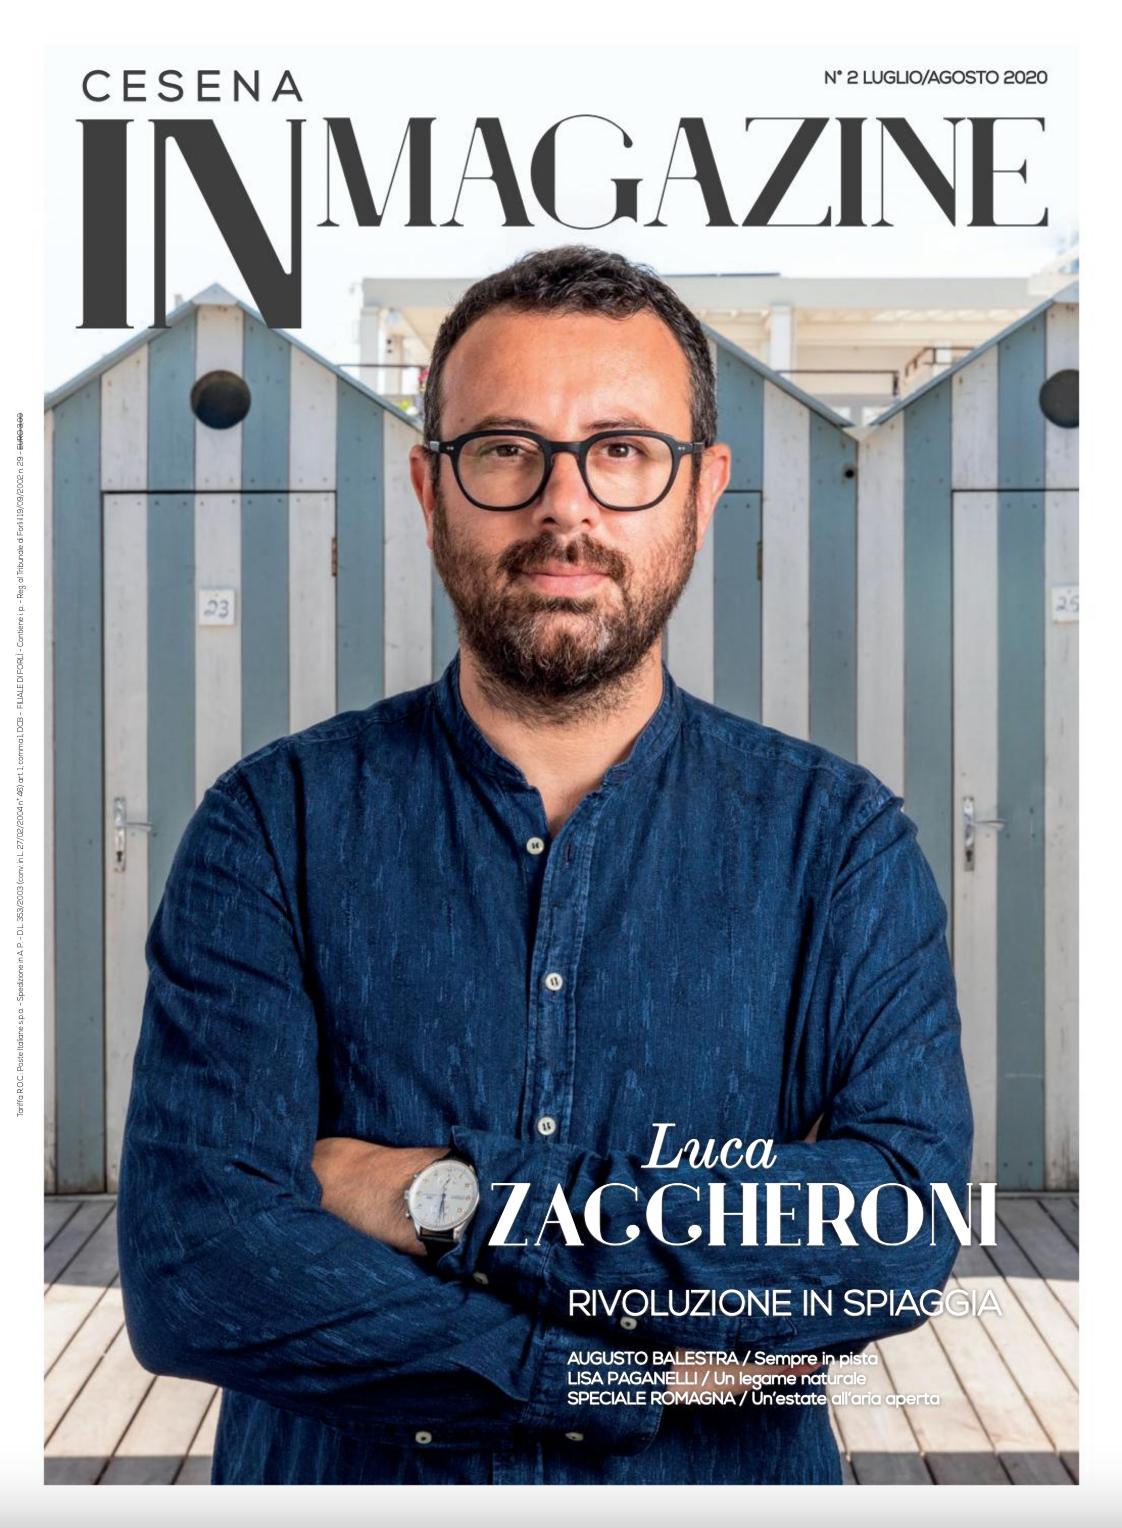 Luca Zaccheroni in copertina su Cesena IN Magazine n. 2-2020